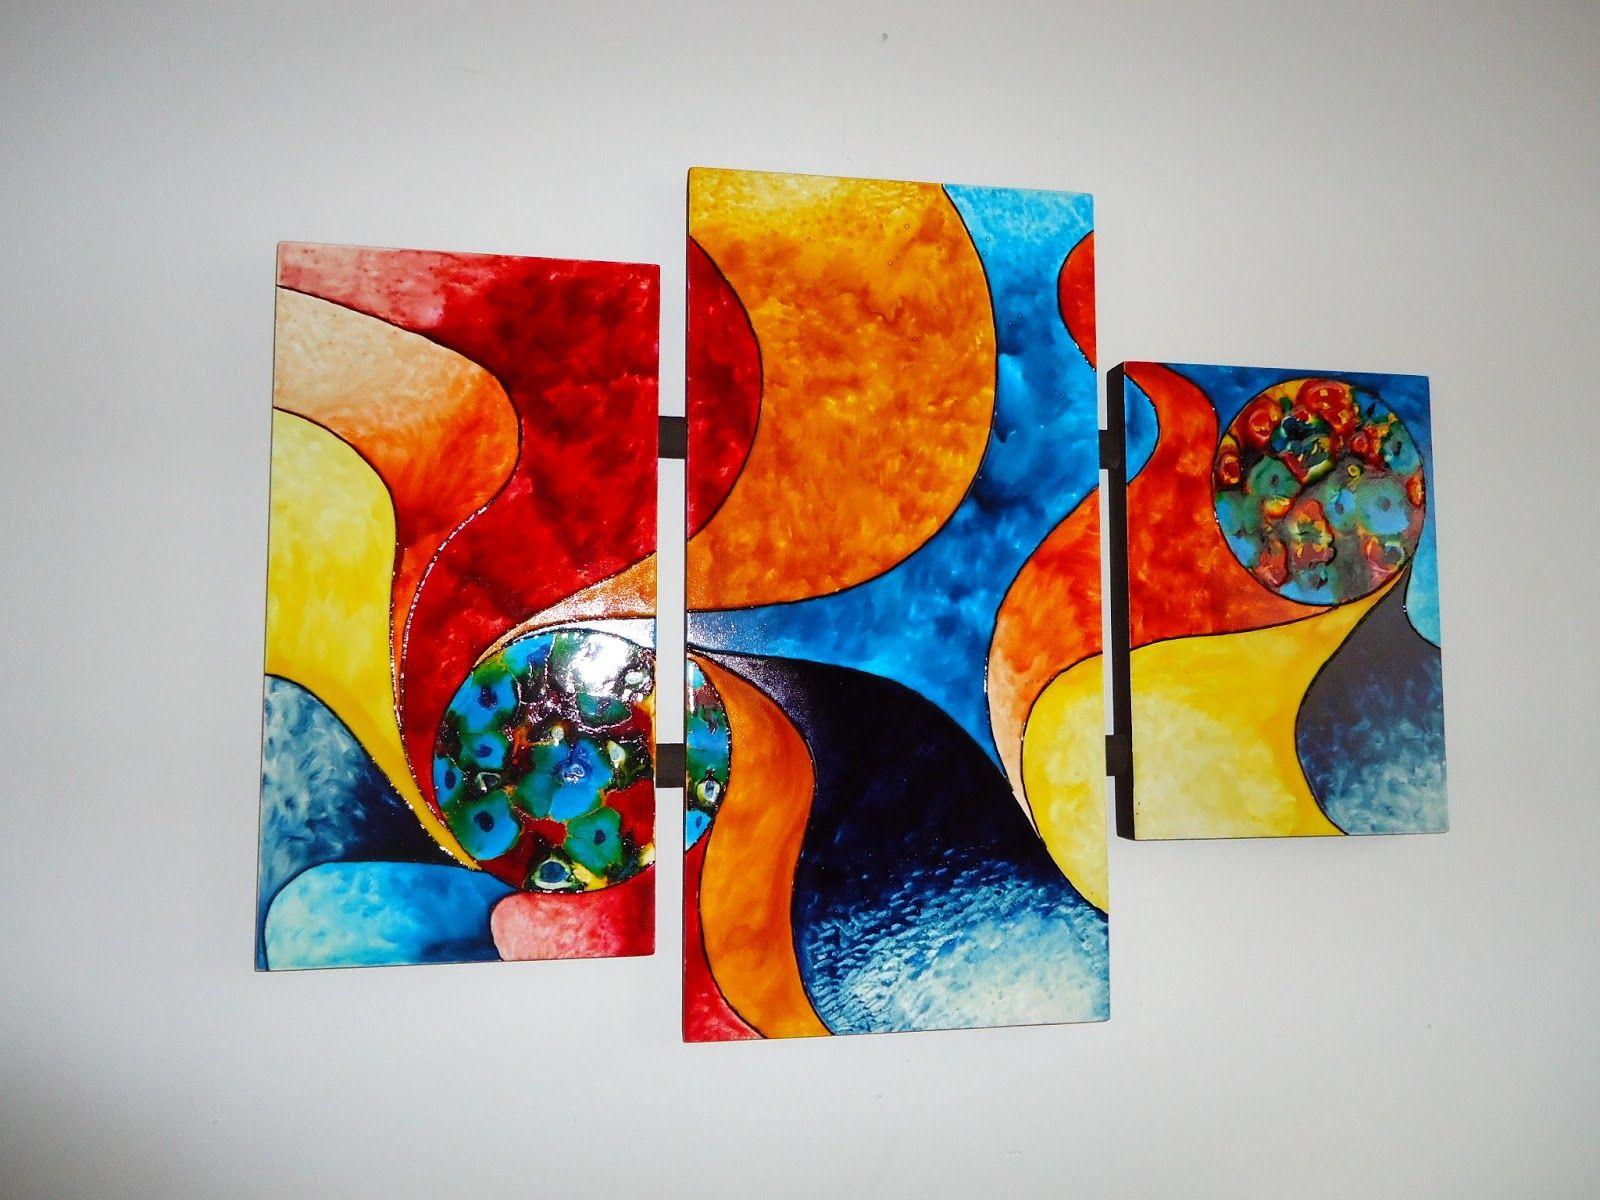 Artes y manualidades cuadros abstractos flor - Pintura de resina ...